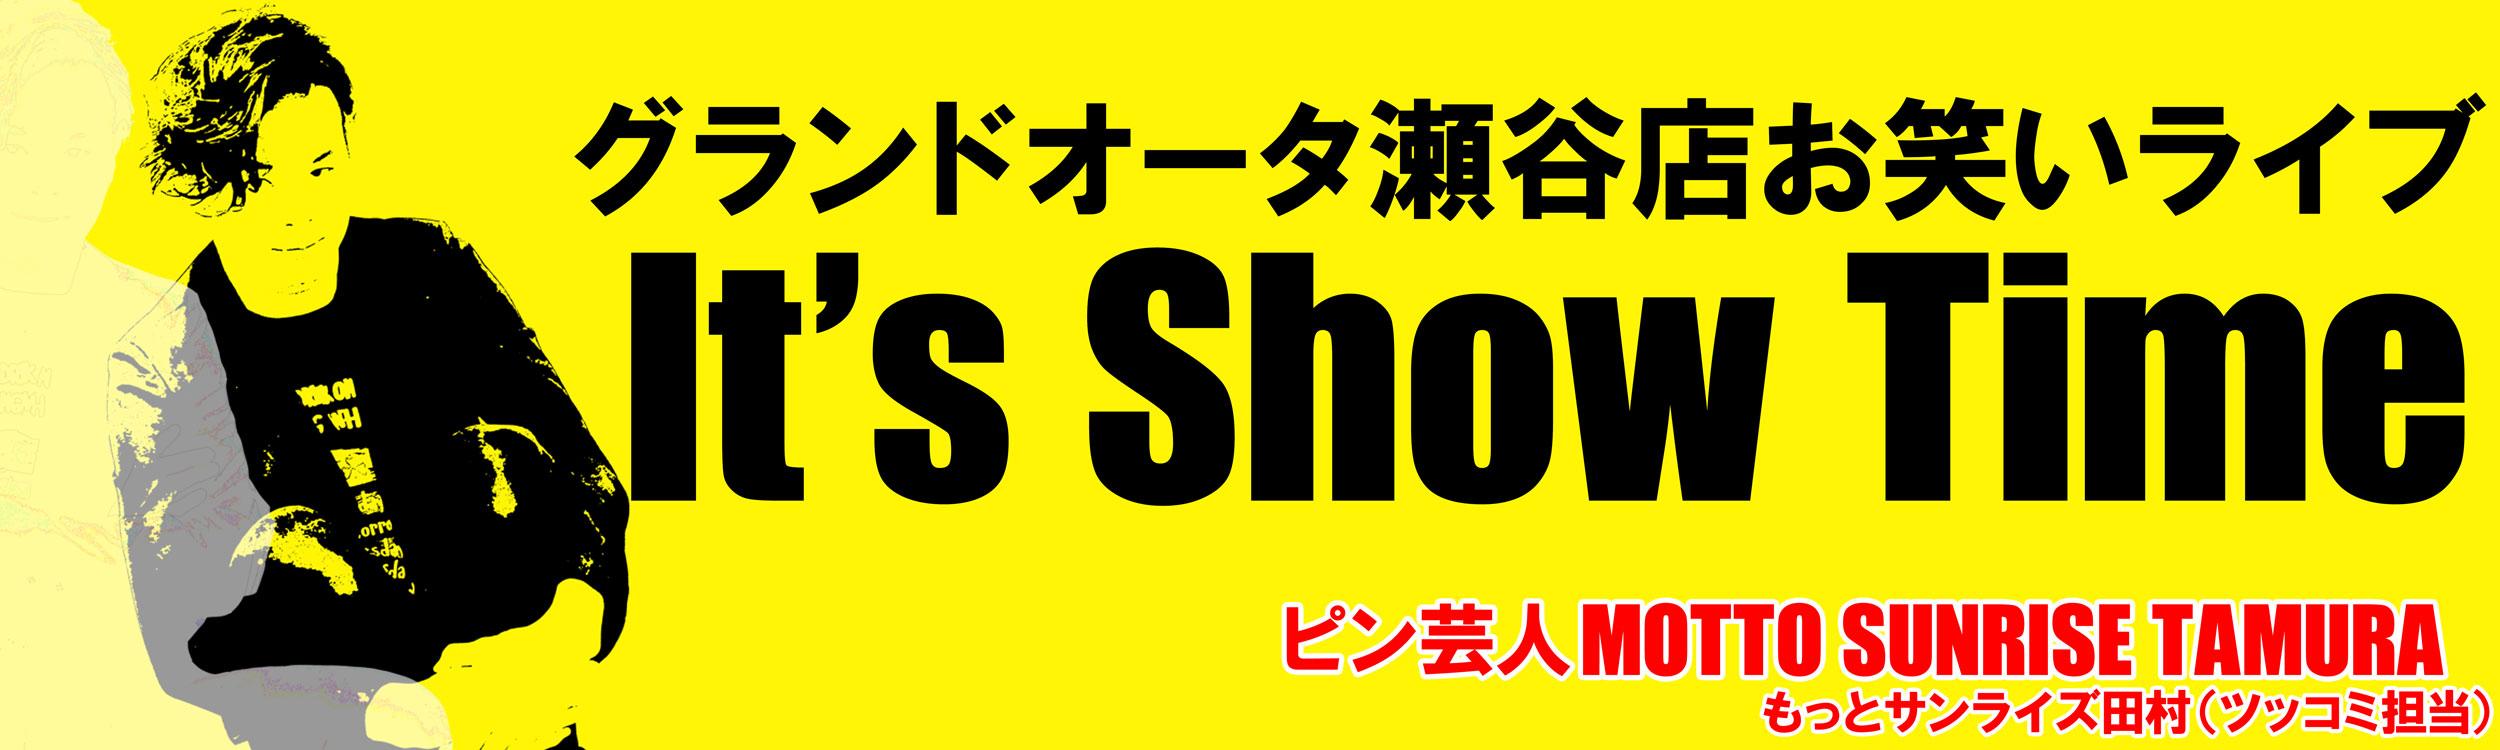 サンライズ田村のIT'S SHOW TIME